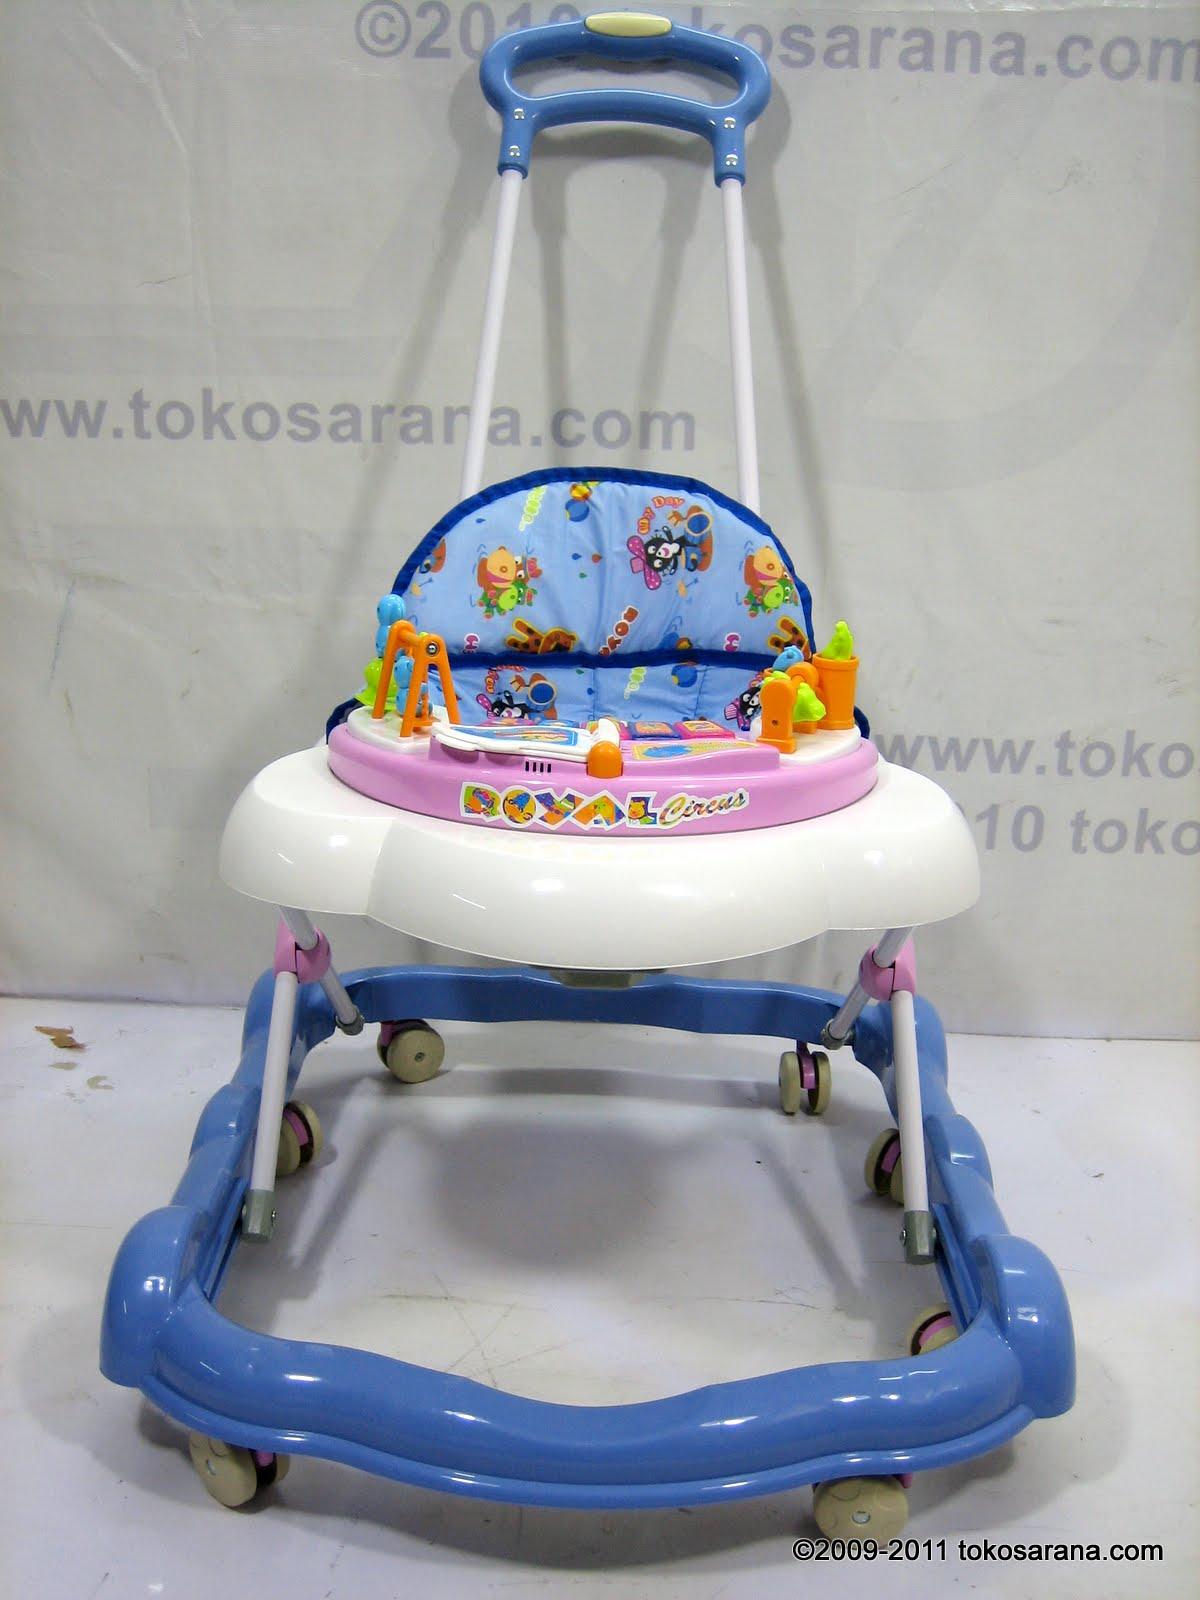 Swing Chair Mudah Target Bedroom Chairs Tokosaranajakarta Jatinegara Mahasarana Suksesbandung